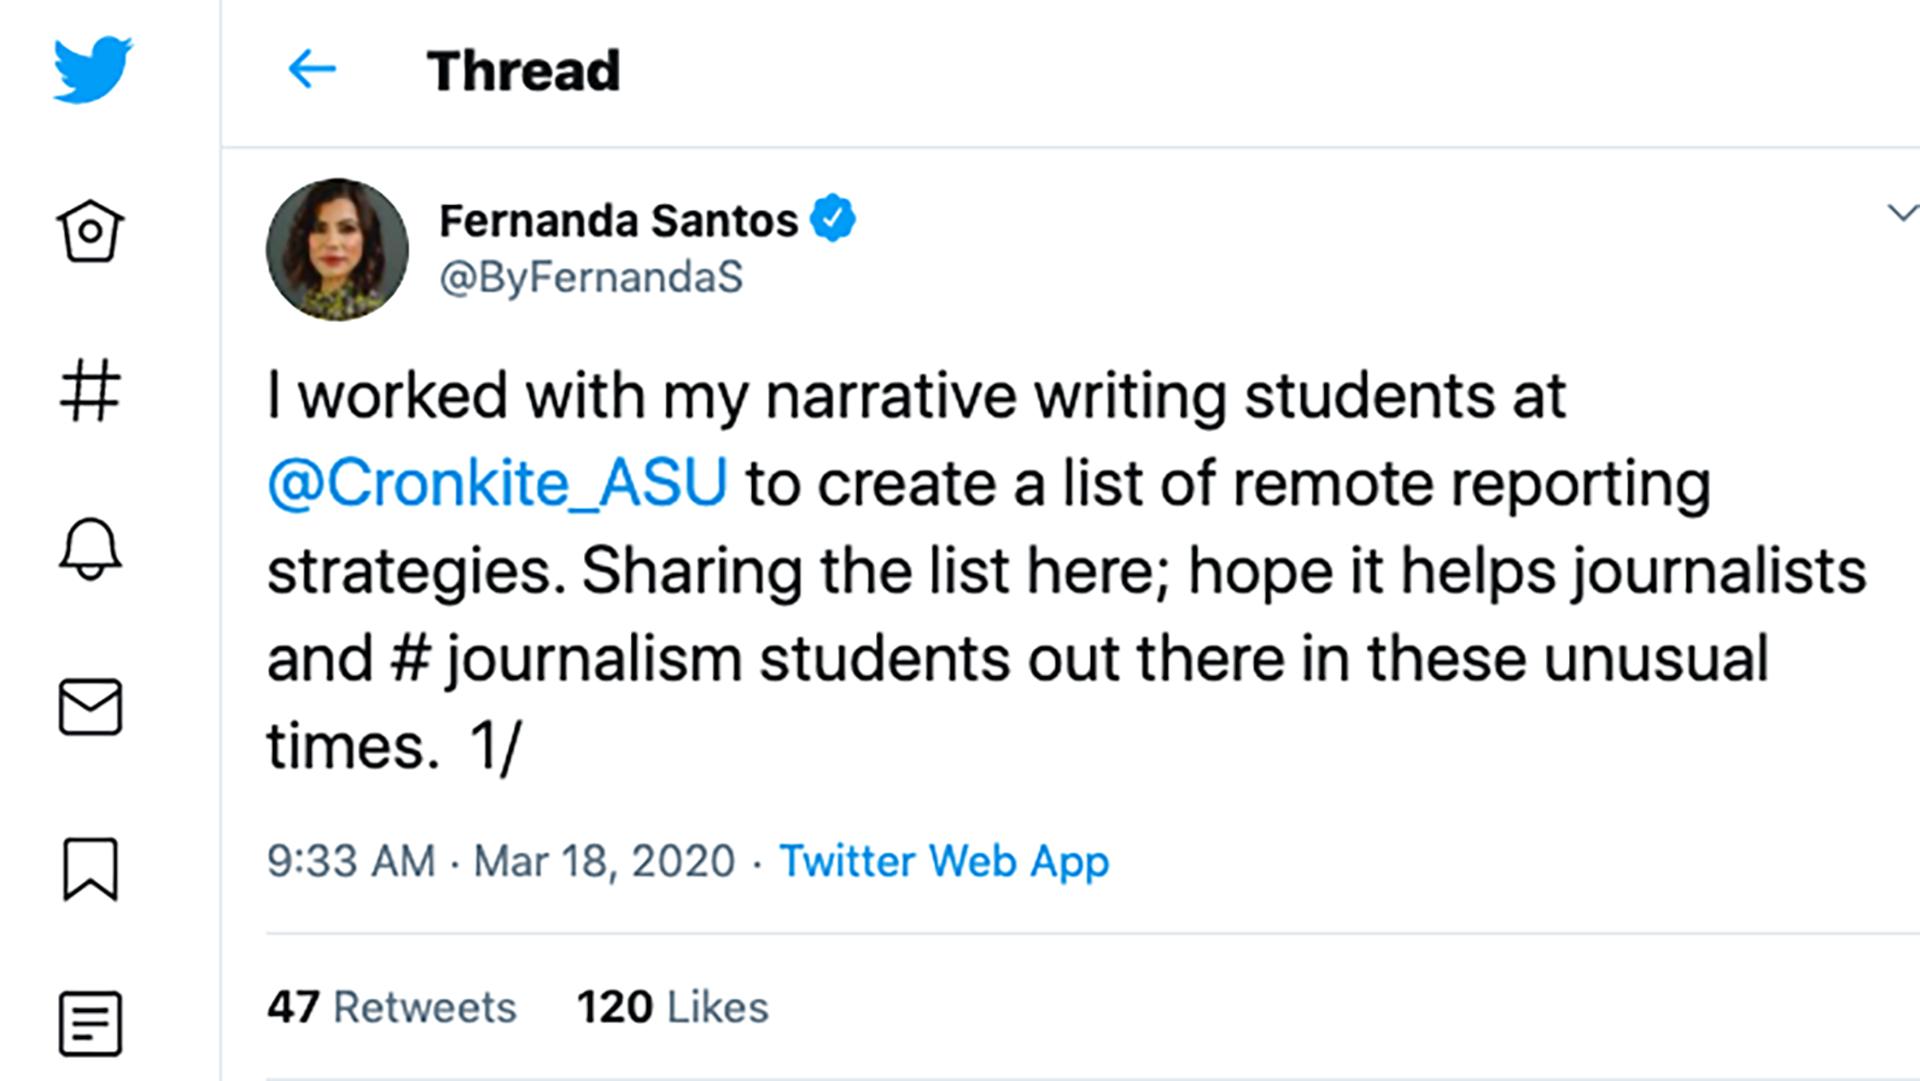 Fernanda's tweet